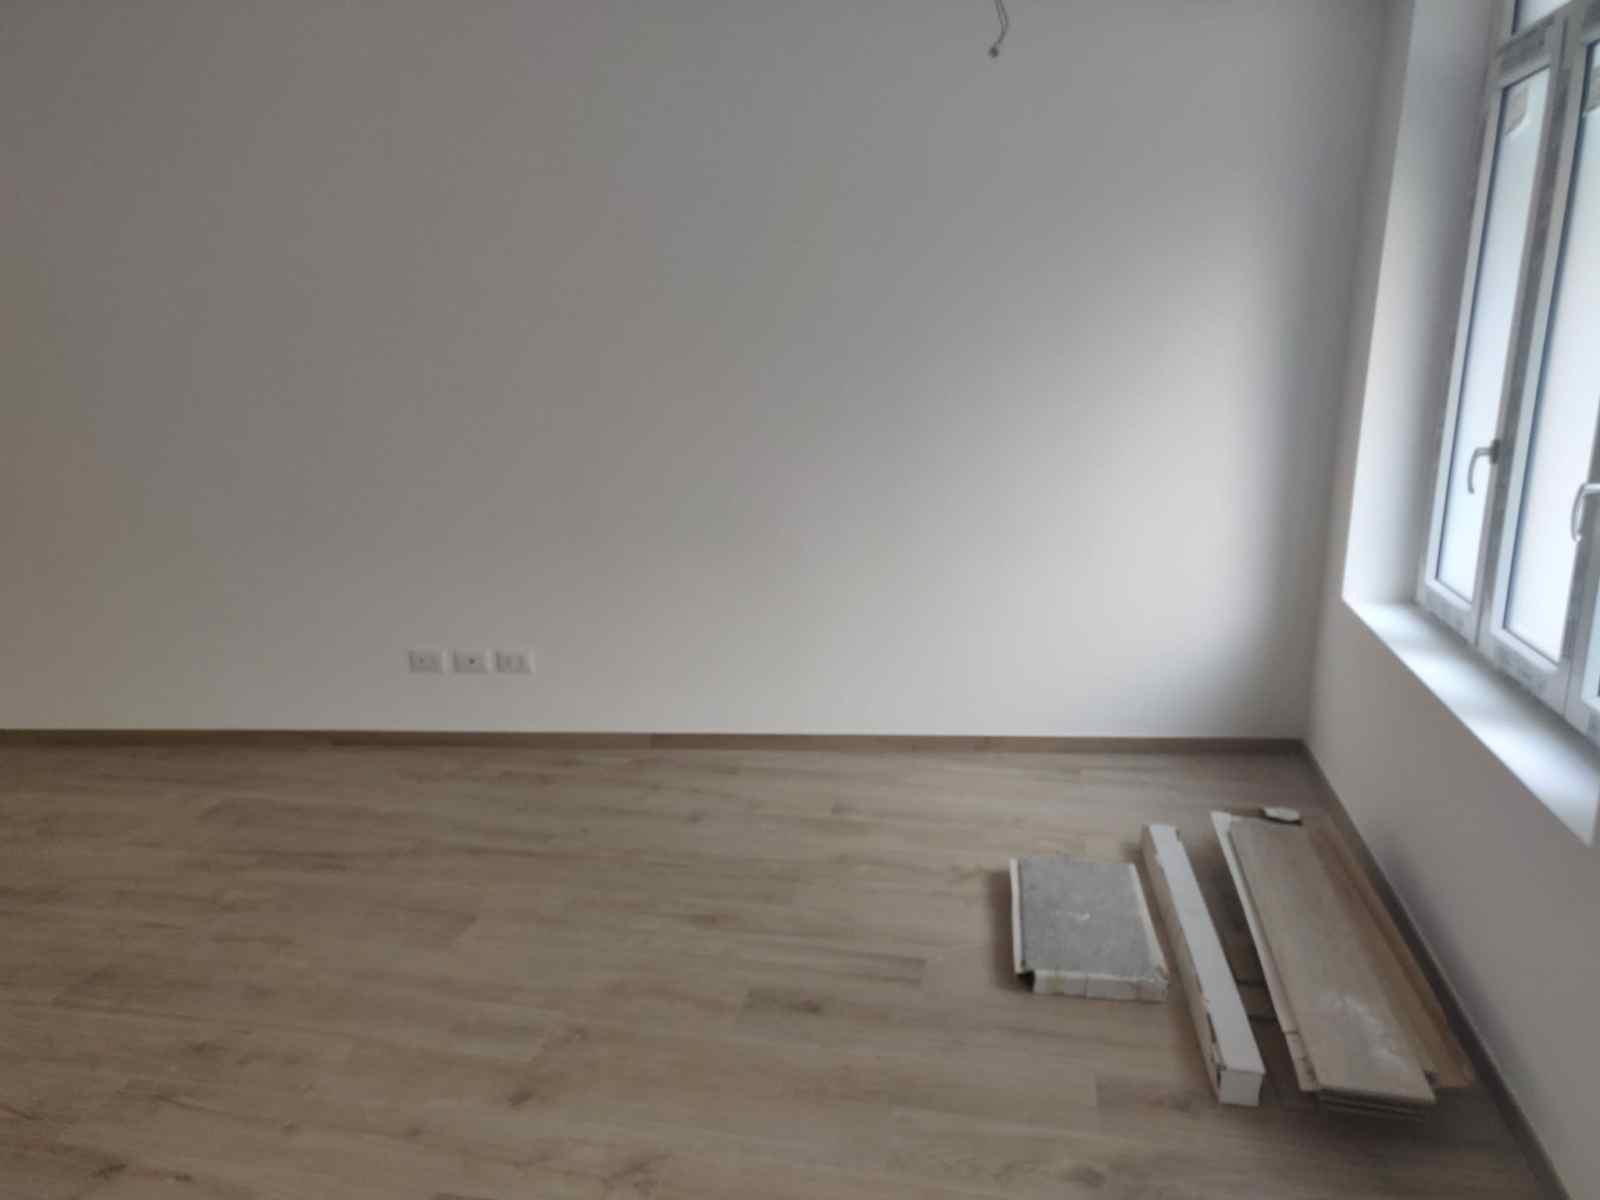 appartamento-in-vendita-baggio-milano-spaziourbano-immobiliare-vende-2-locali-bilocale-7